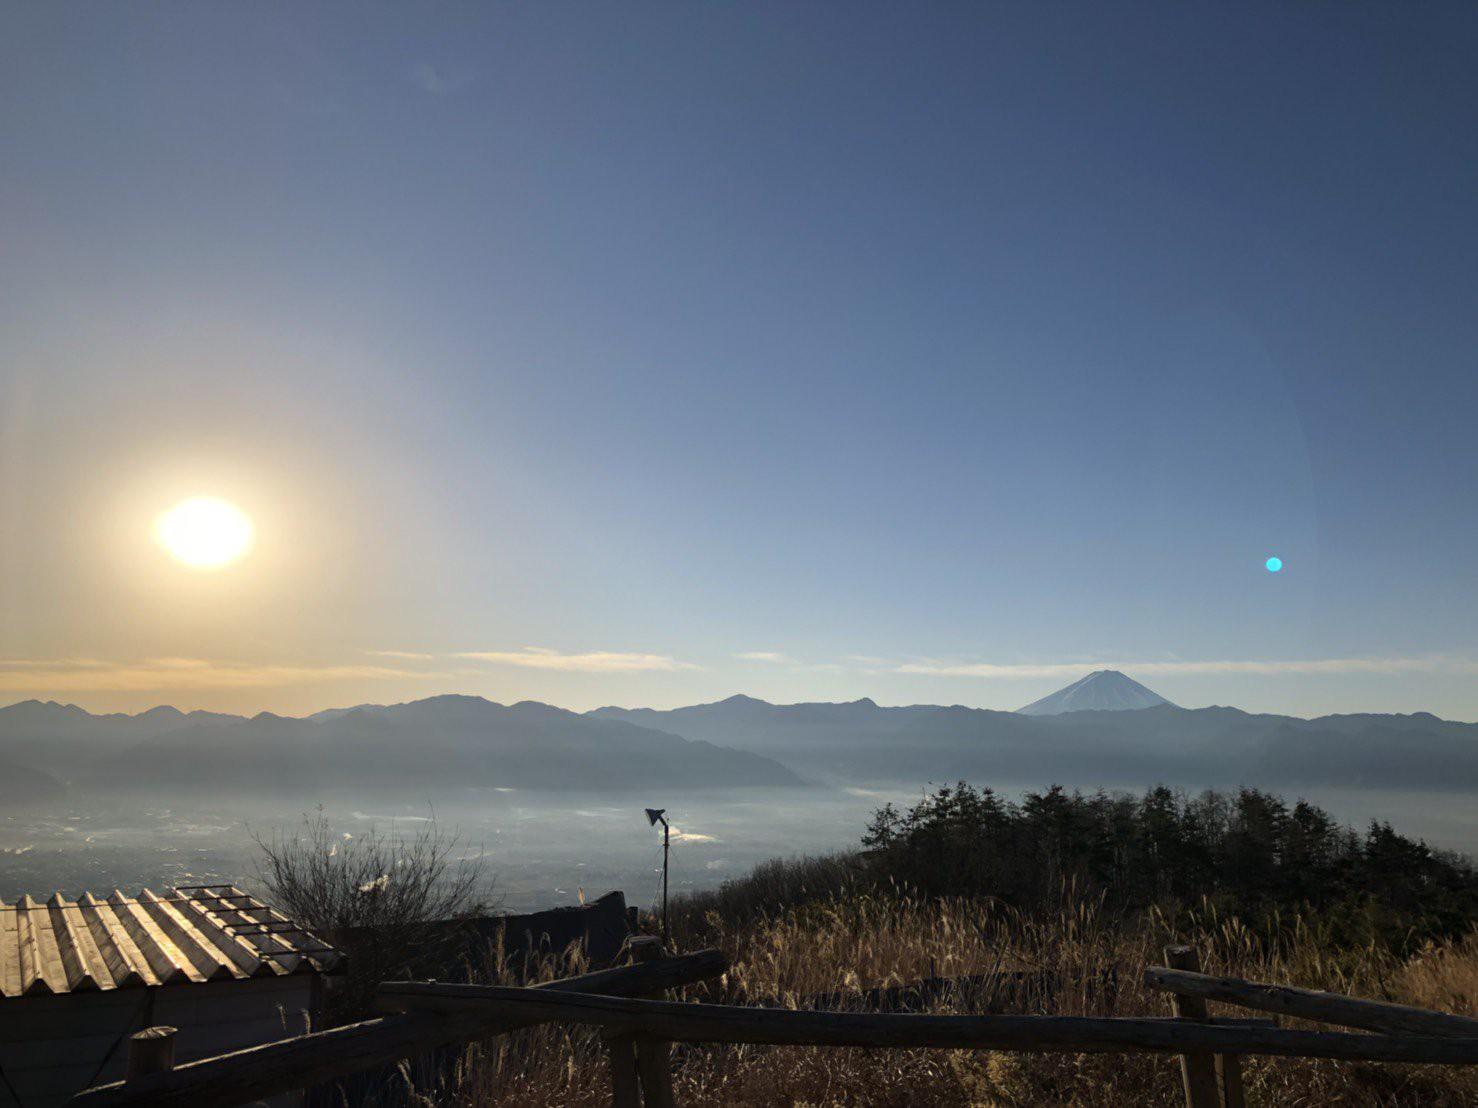 Sốc: Ngày tiễn Jonghyun - Trăng chuyển thành màu xanh ngọc bỗng xuất hiện ở Nhật Bản